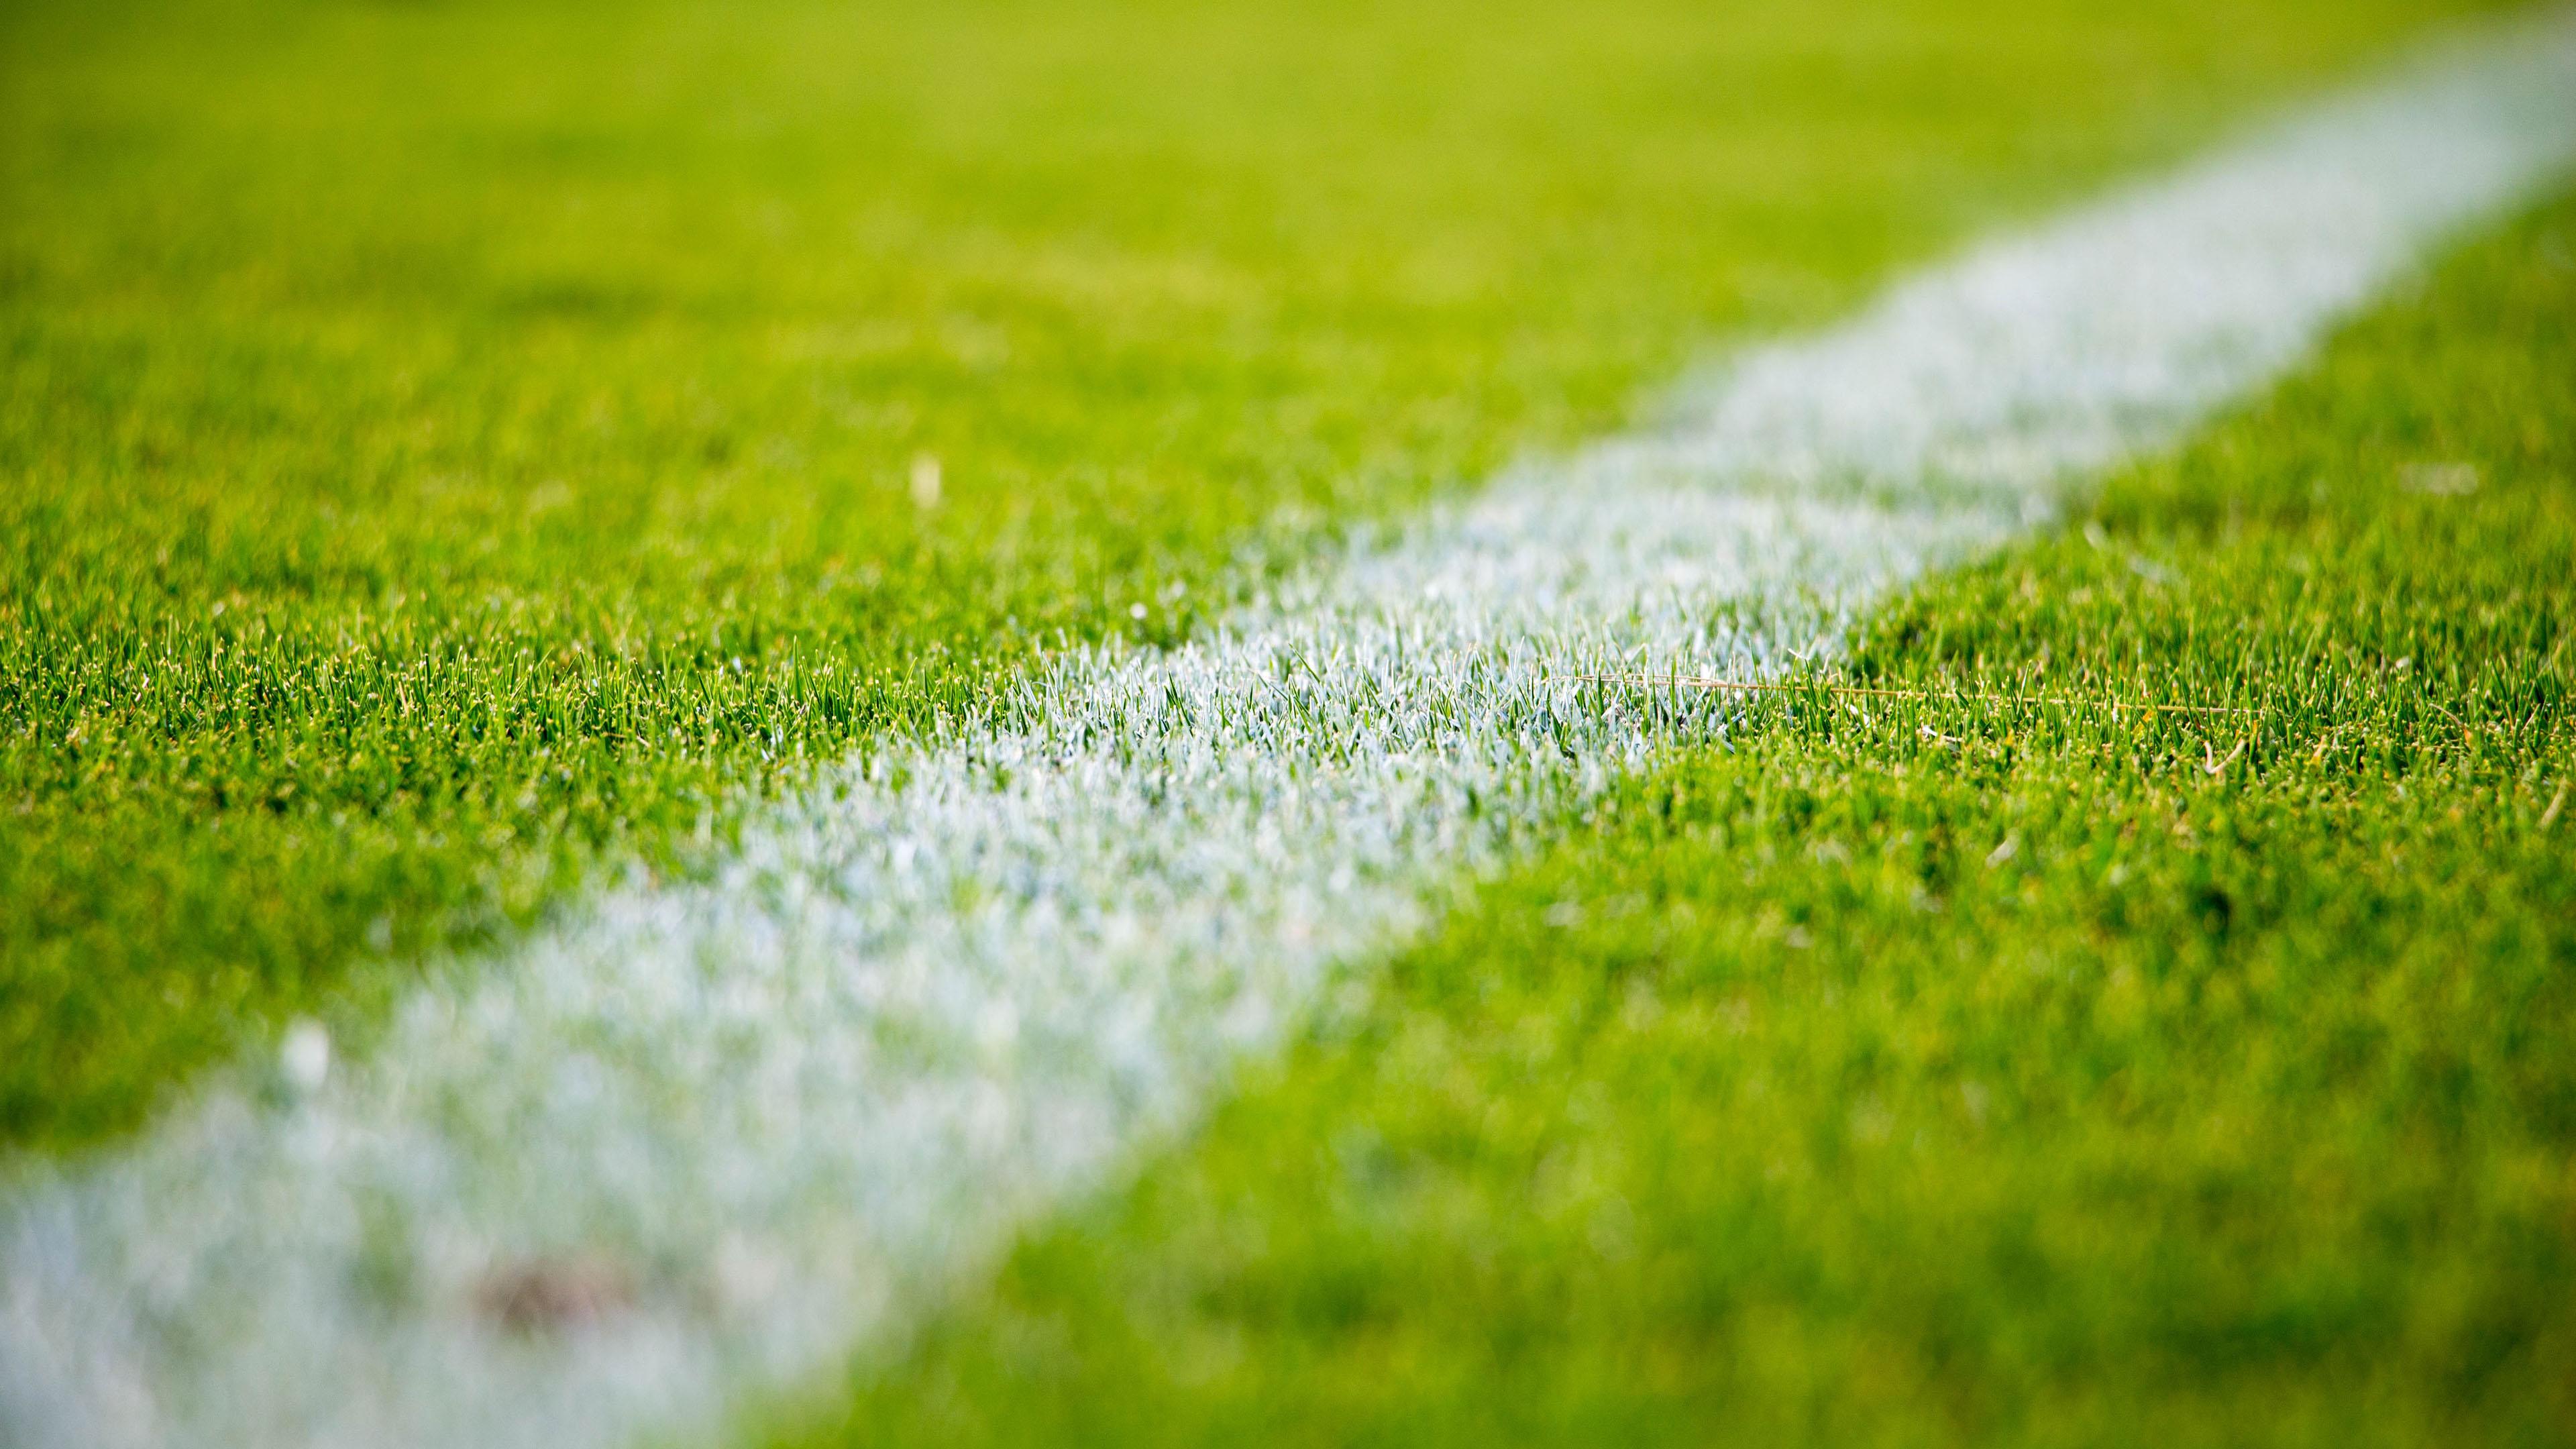 劲爆体育,球场,绿茵场,草地